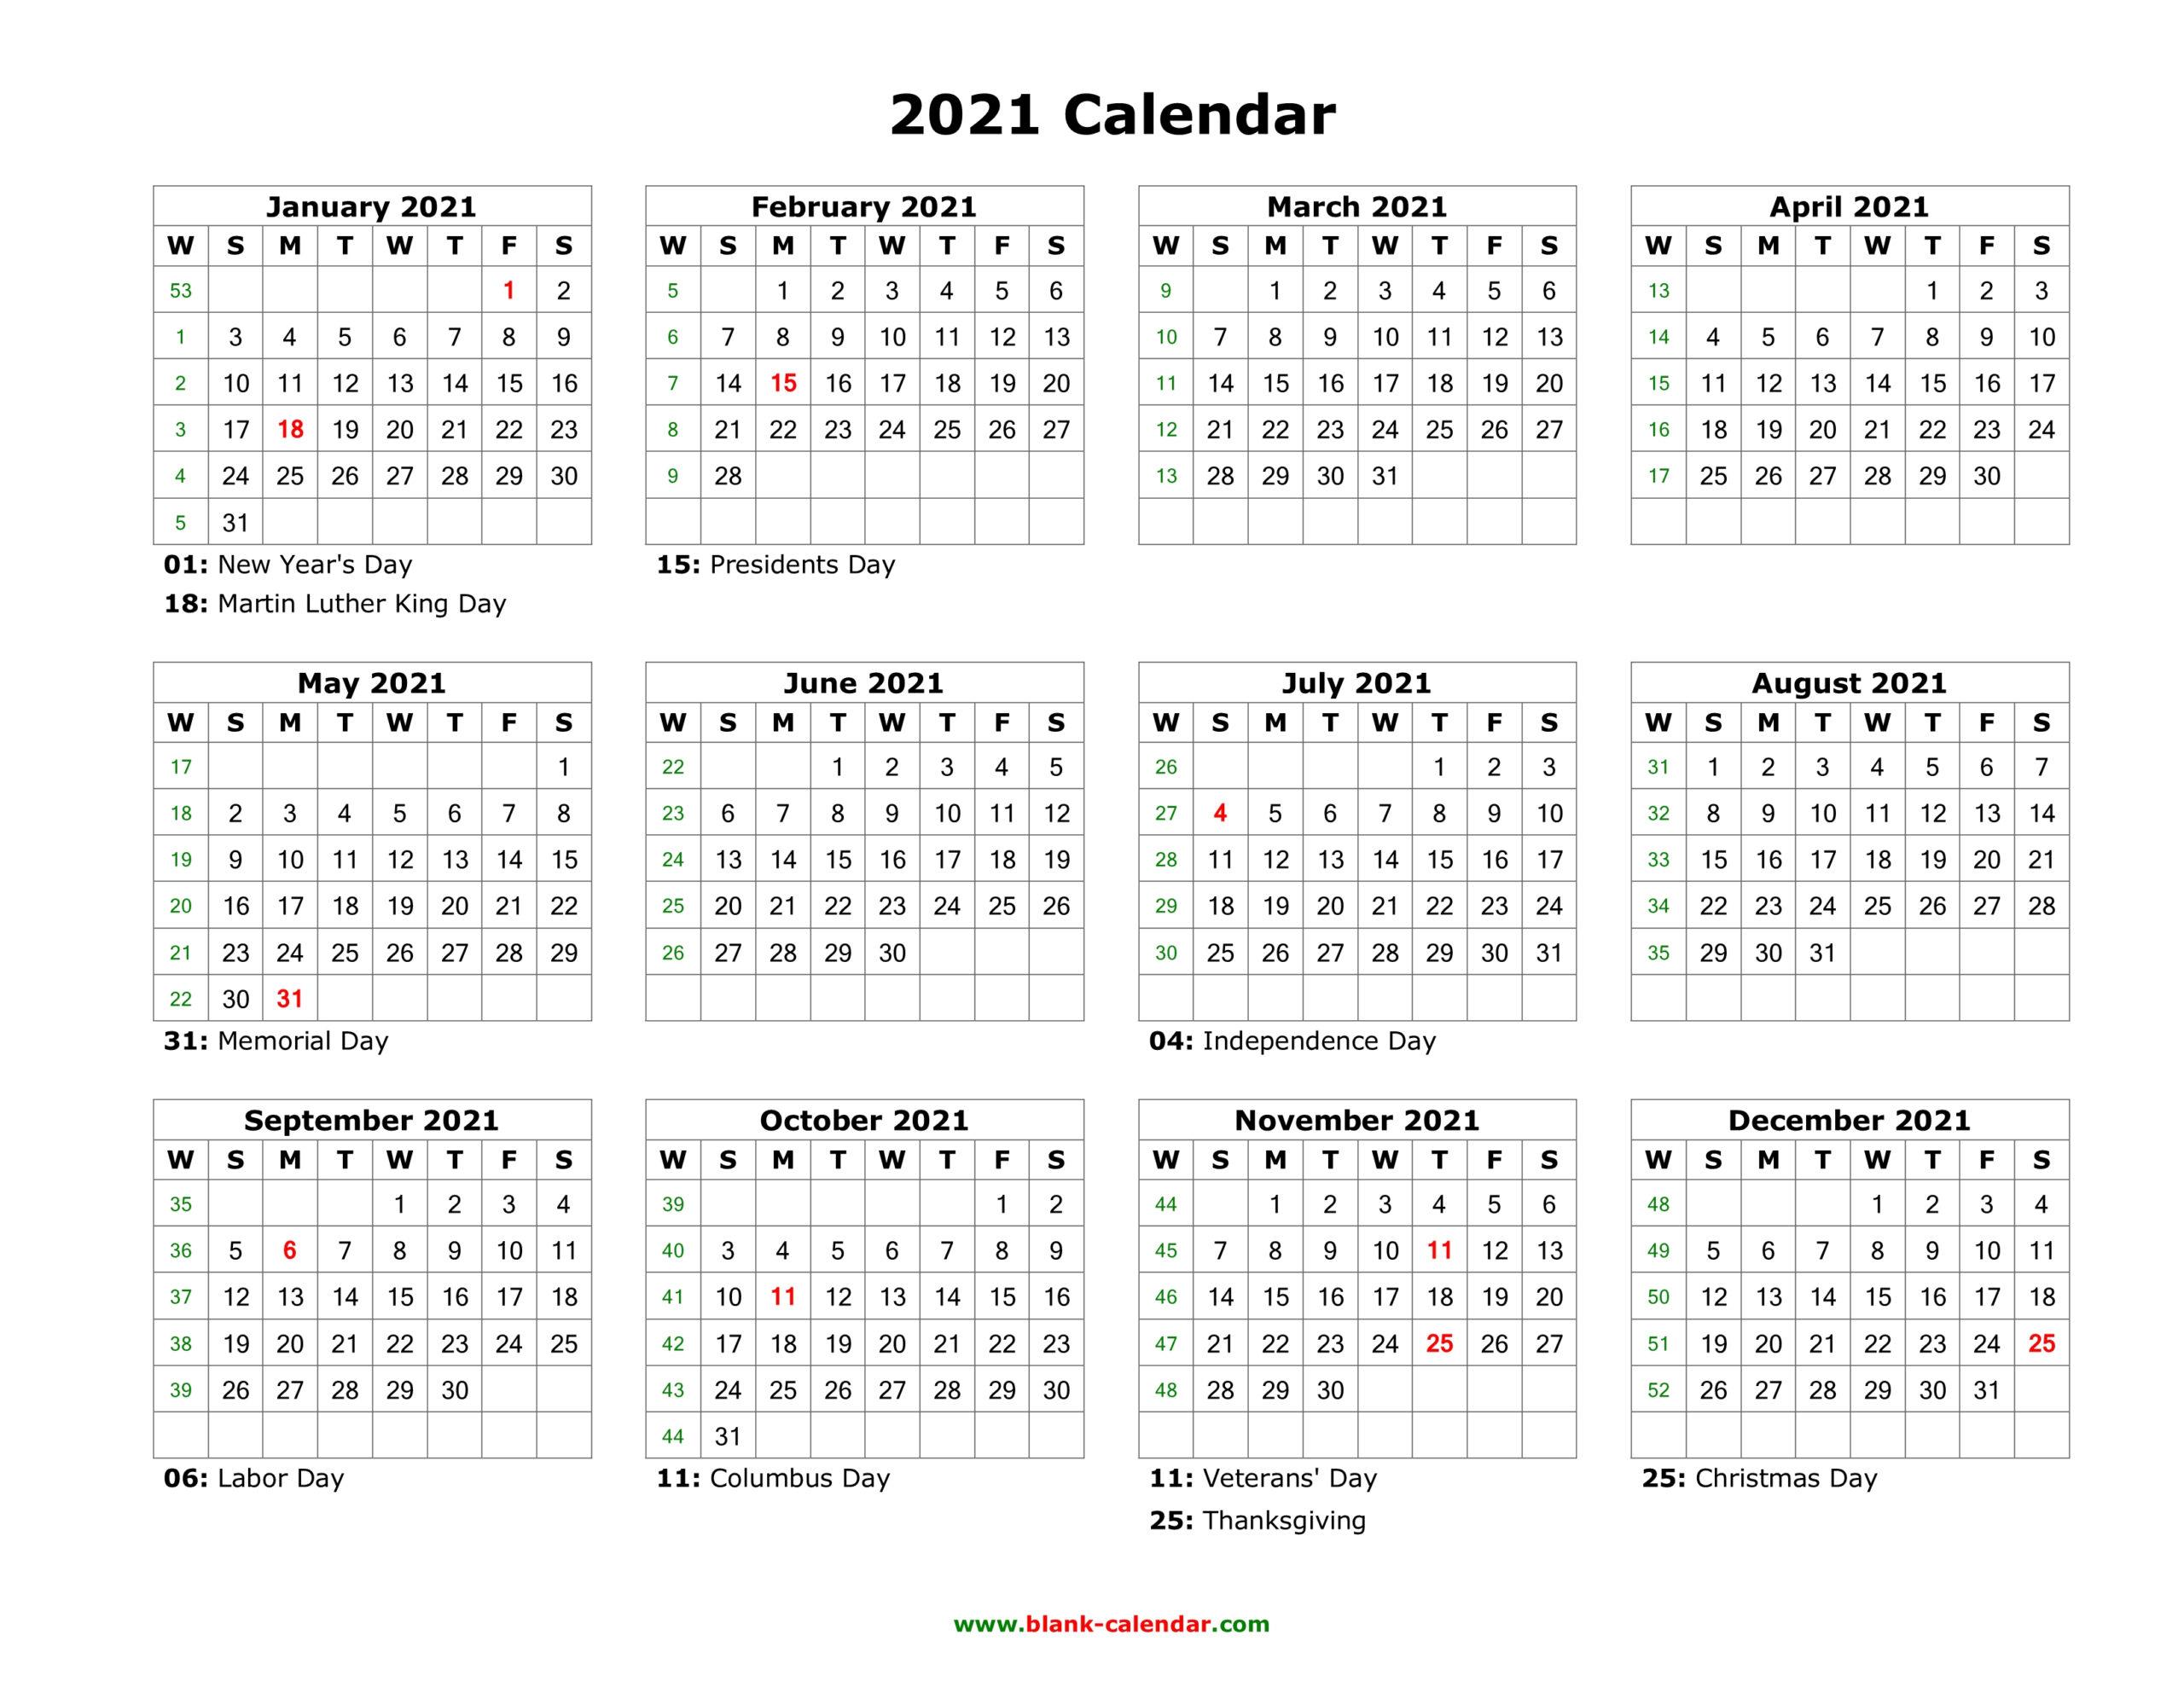 2021 Calendar In Excel By Week | Calendar Printables Free